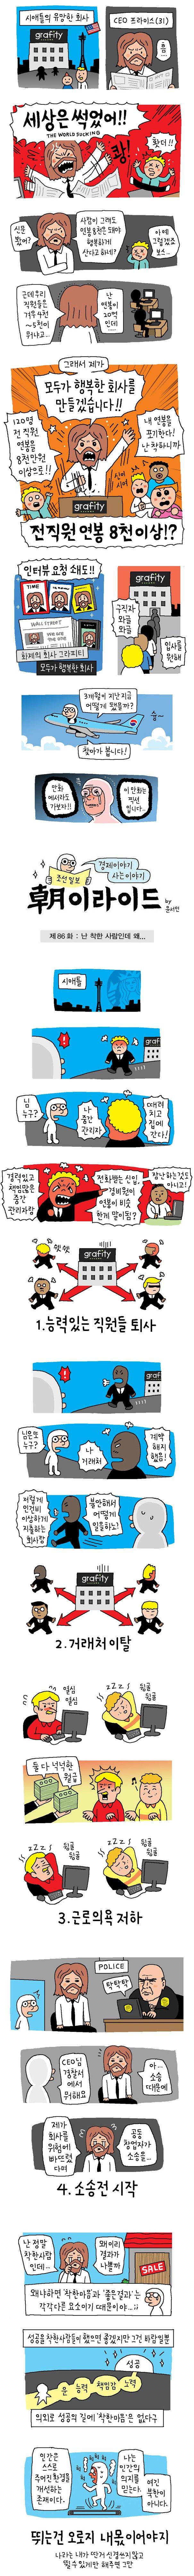 1.jpg 윤서인 선동만화의 진실....JPG